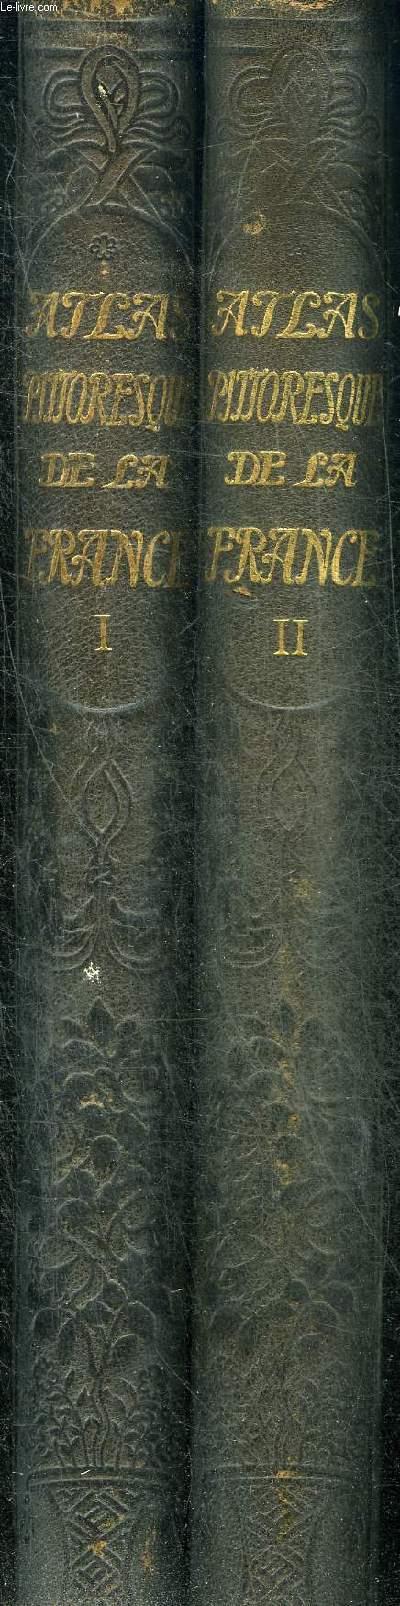 ATLAS PITTORESQUE DE LA FRANCE - EN DEUX TOMES - TOMES 1 + 2 - TOME 1 : AIN- COTE D'OR - TOME 2 : COTES DU NORD LOIRE INFERIEURE.